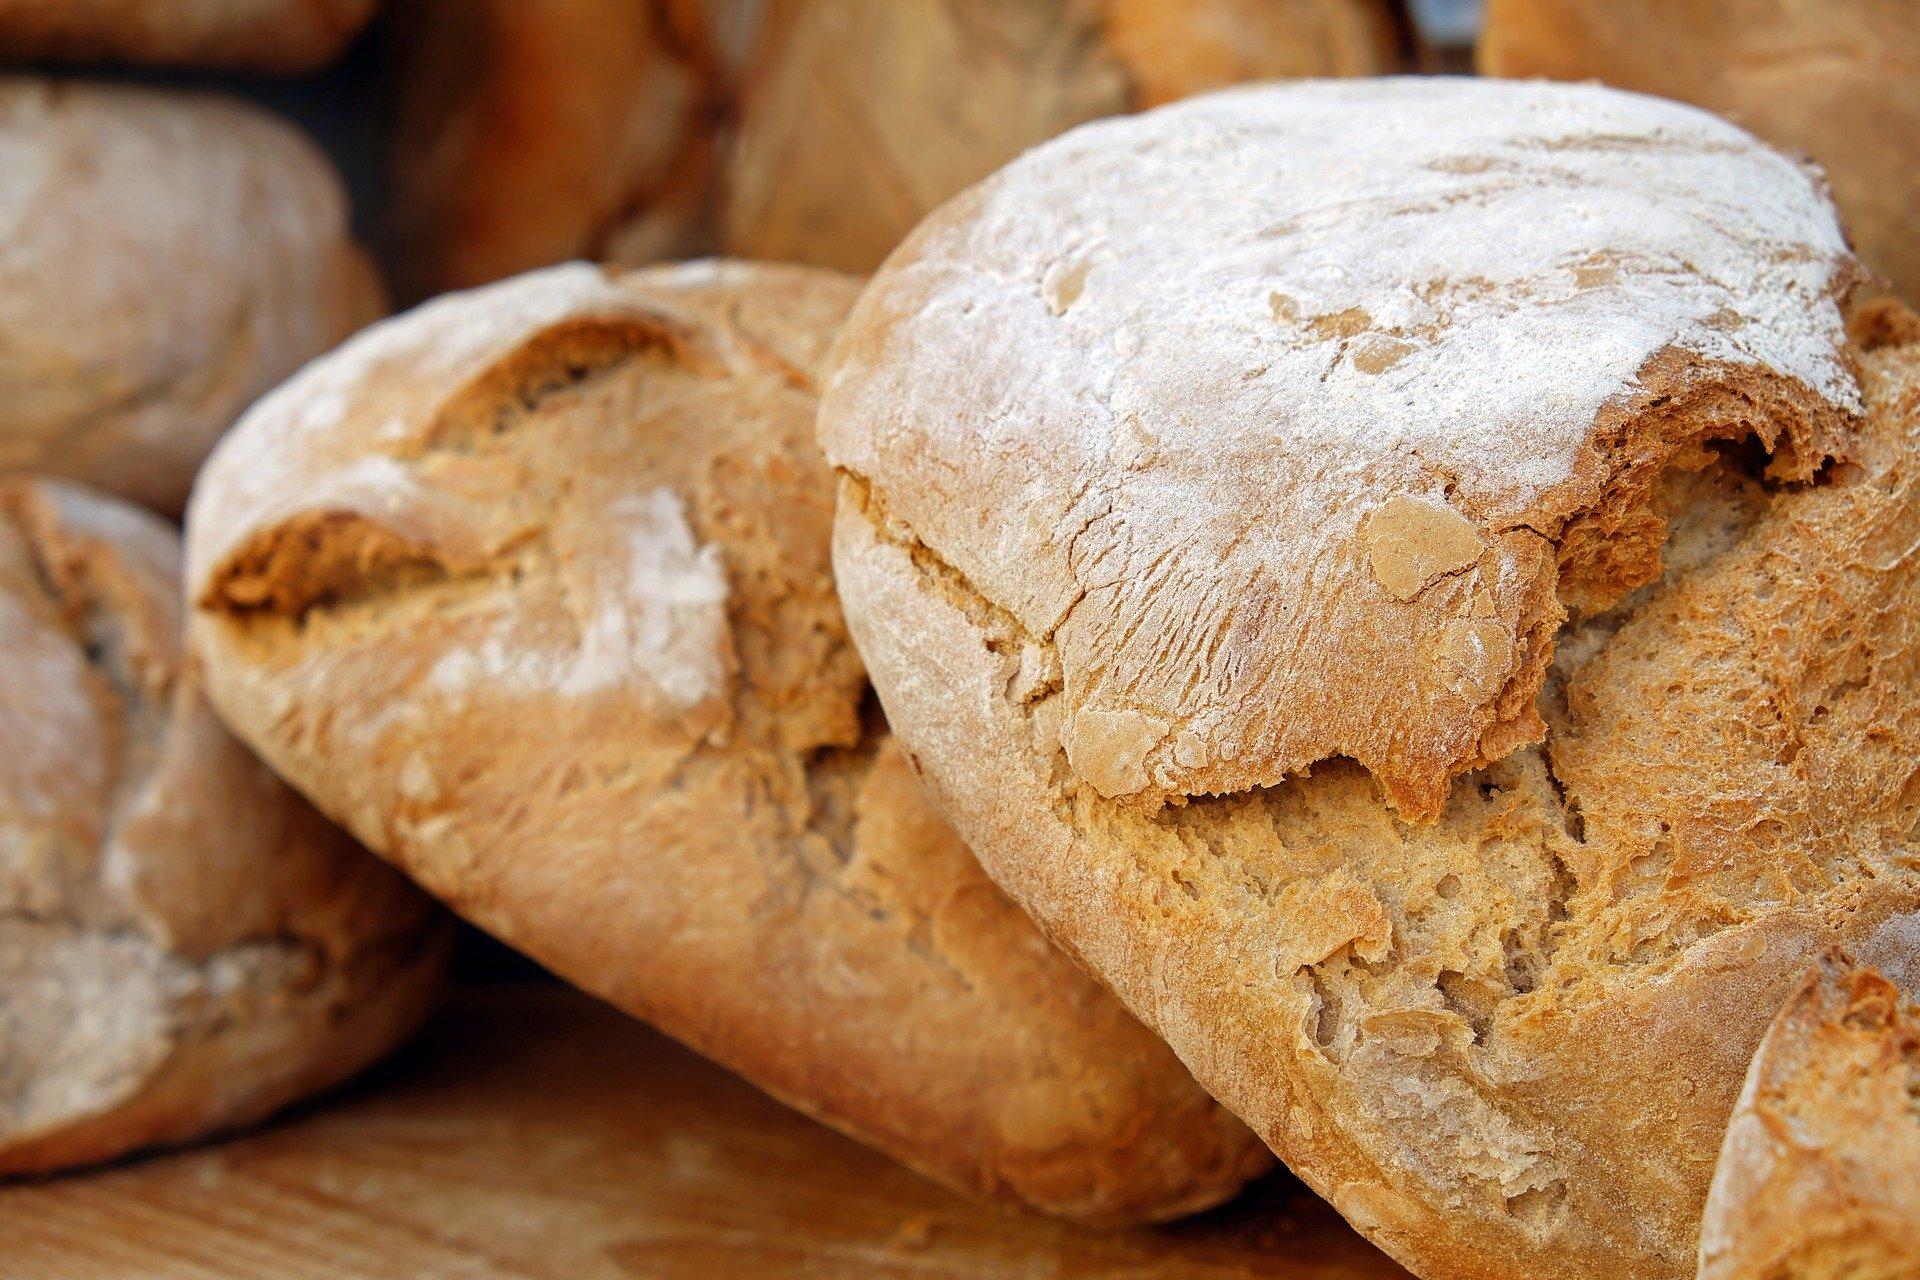 bread-2193537_1920.jpg